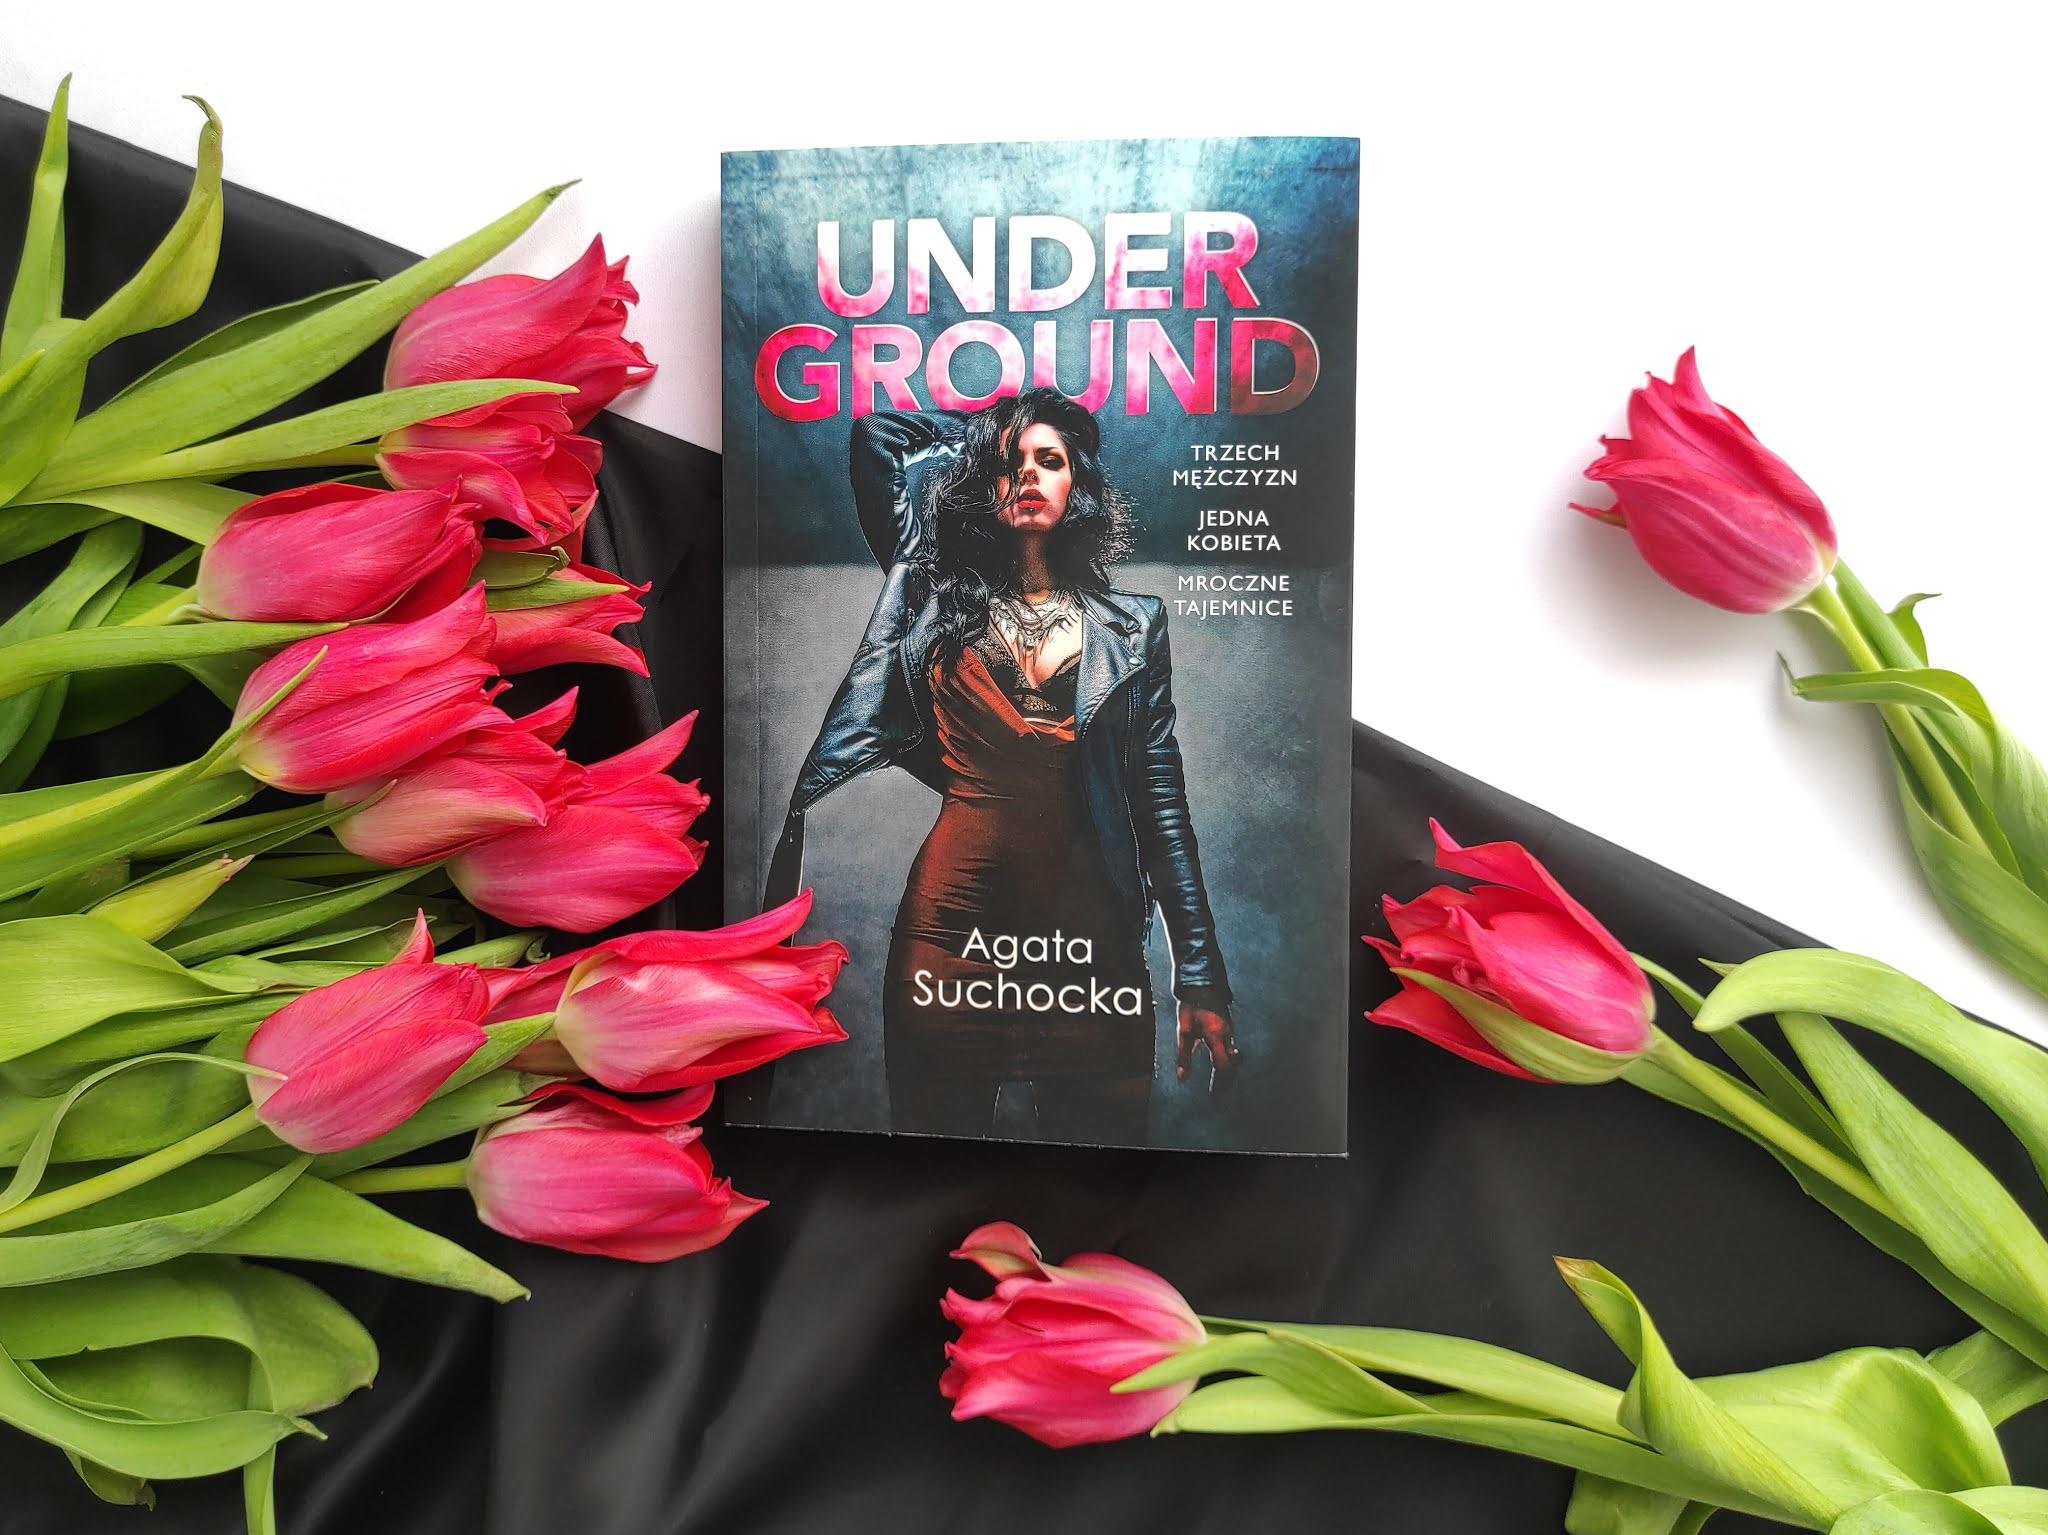 Underground opinie o książce